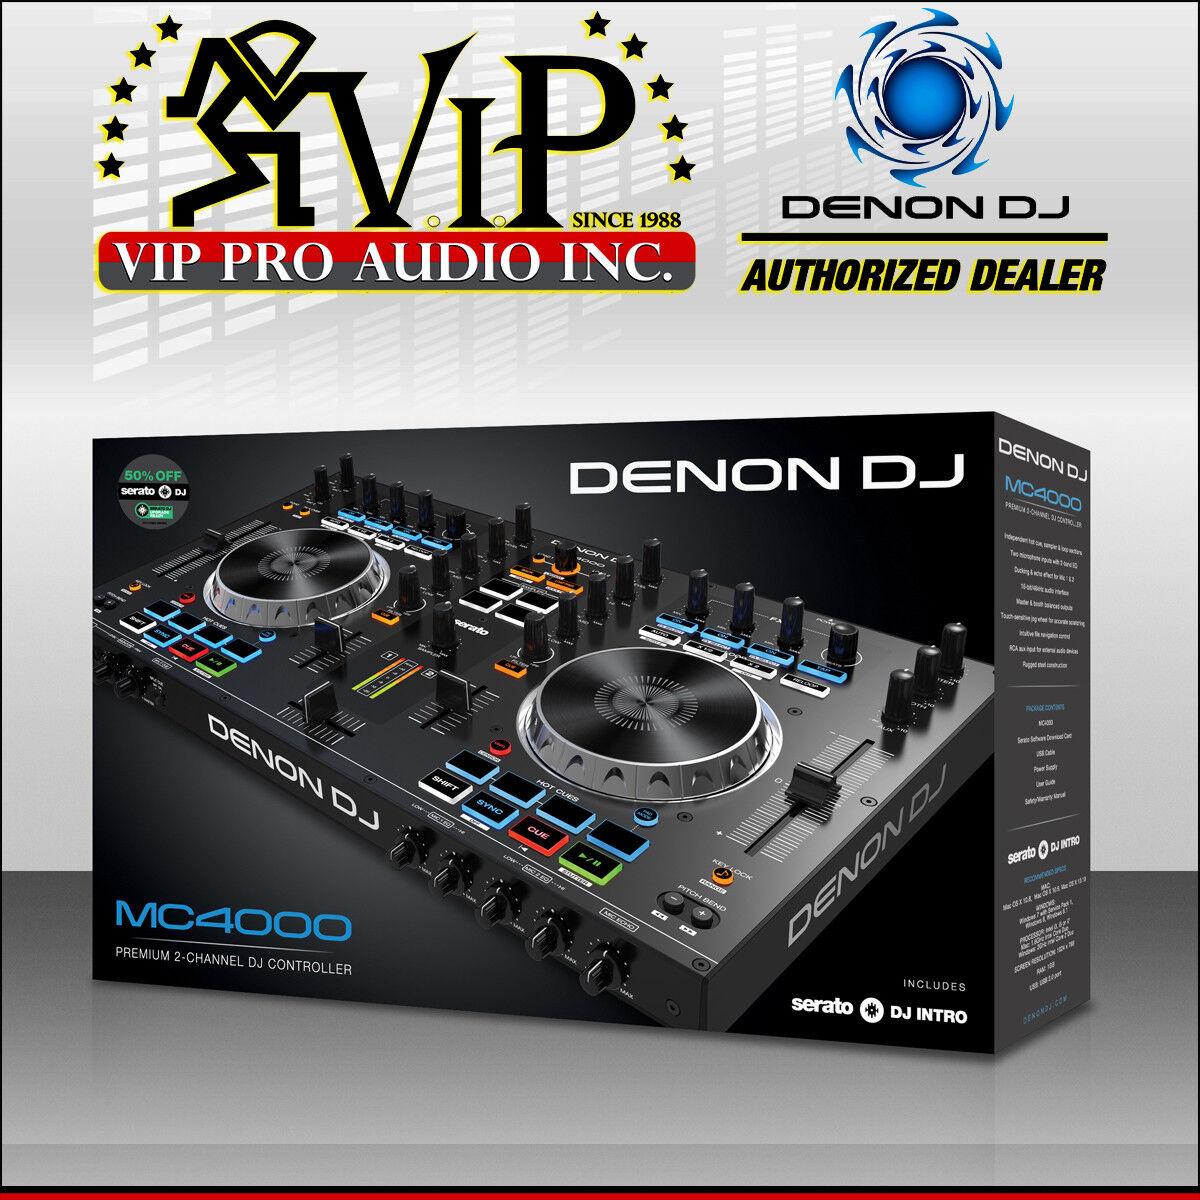 Denon DJ MC4000 Premium 2-Channel Serato MIDI Sample Pad Controller MC4000 NEW.